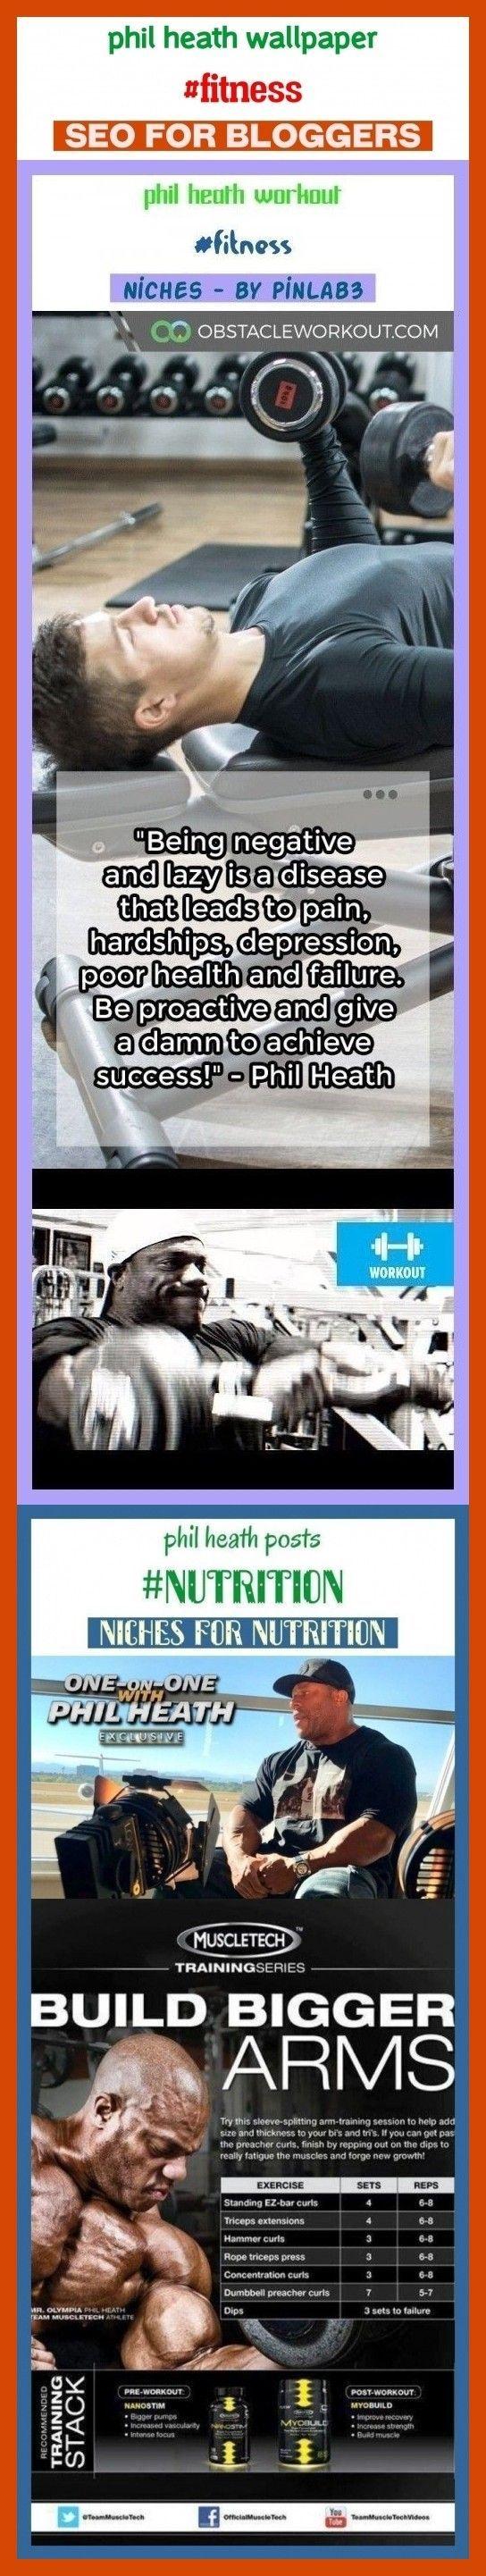 Phil heath wallpaper #fitness #seoforpinterest #seo #health. phil heath bodybuilding, phil heath wal...